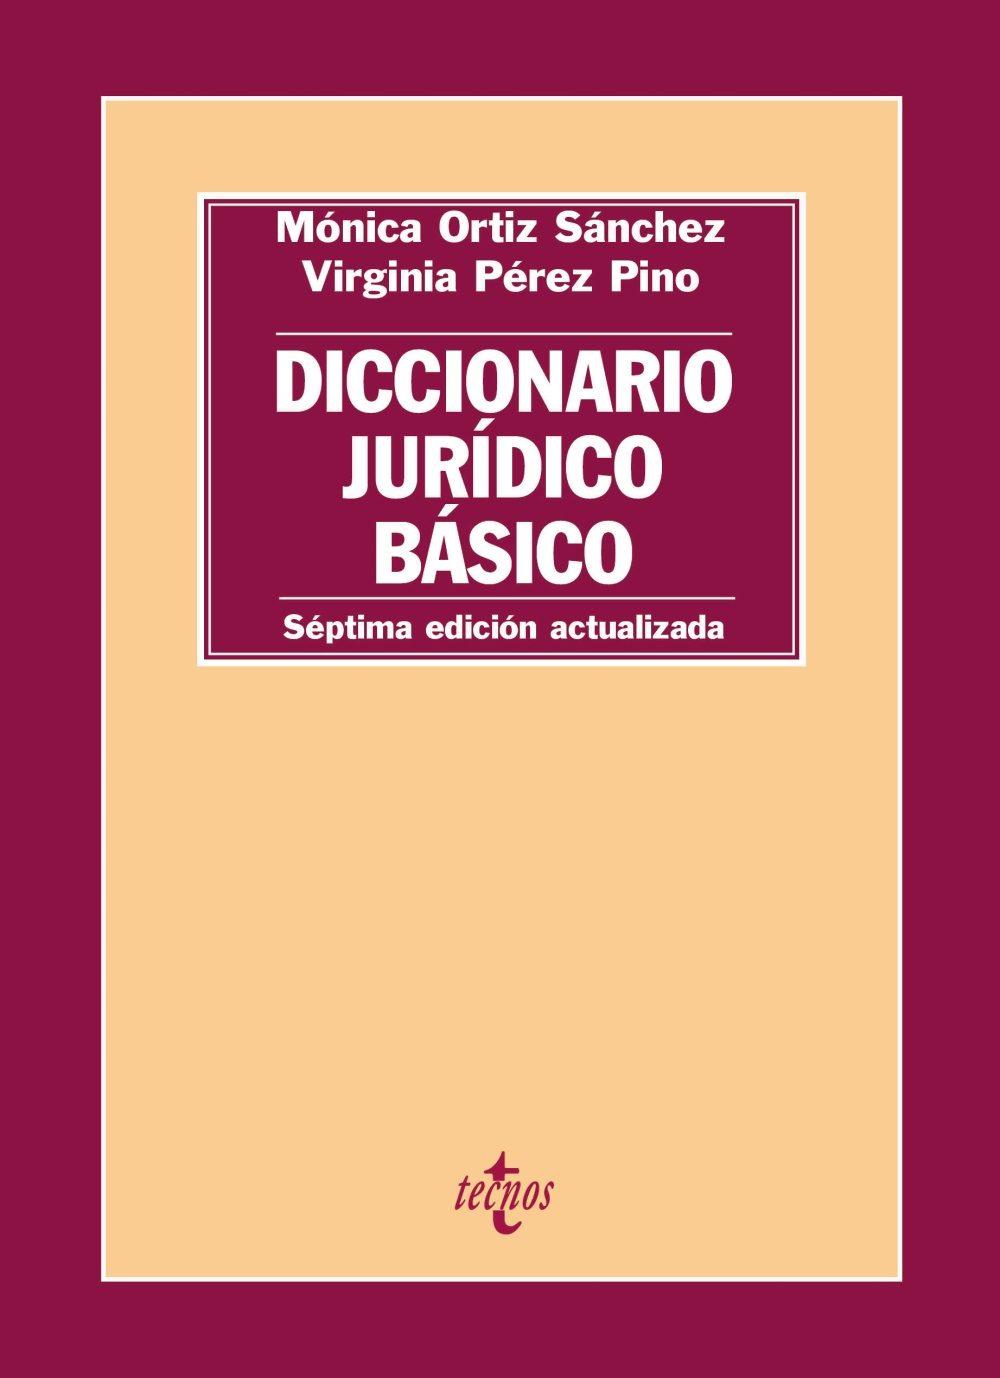 diccionario jurídico basico (7ª ed.)-monica ortiz sanchez-virginia perez pino-9788430966882